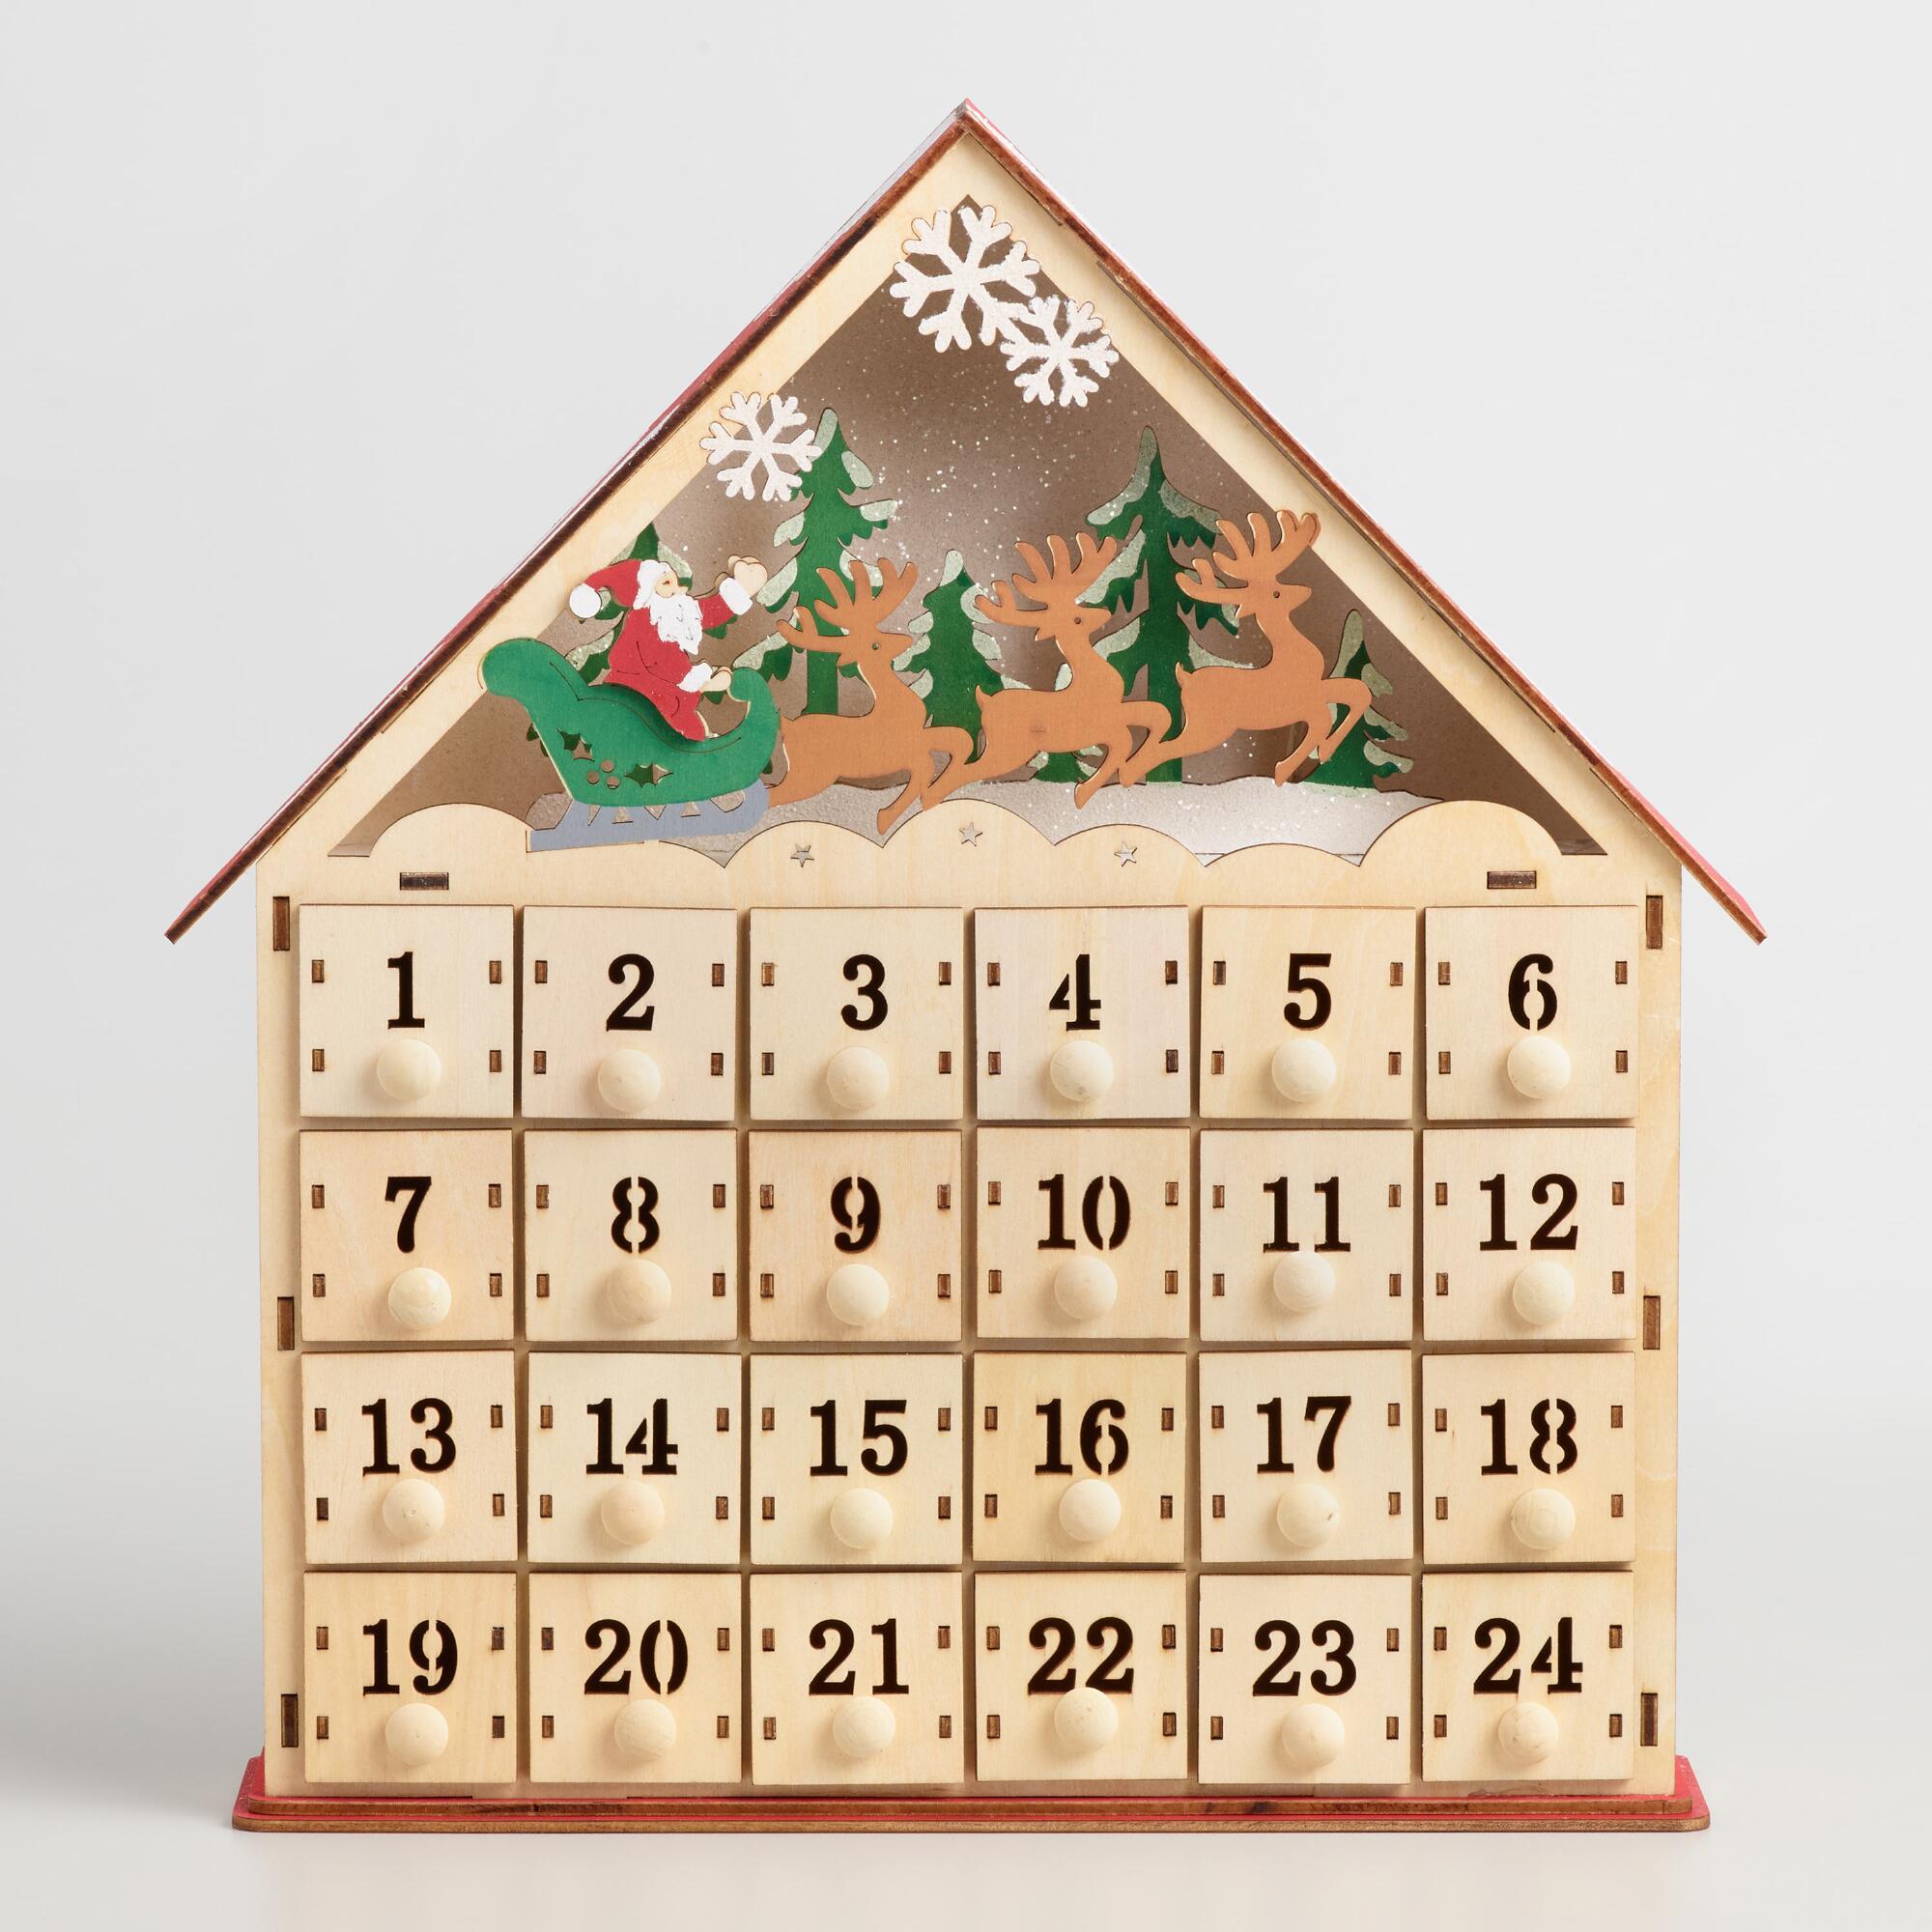 Advent Calendar Romantic Ideas : Beautiful advent calendar ideas for christmas